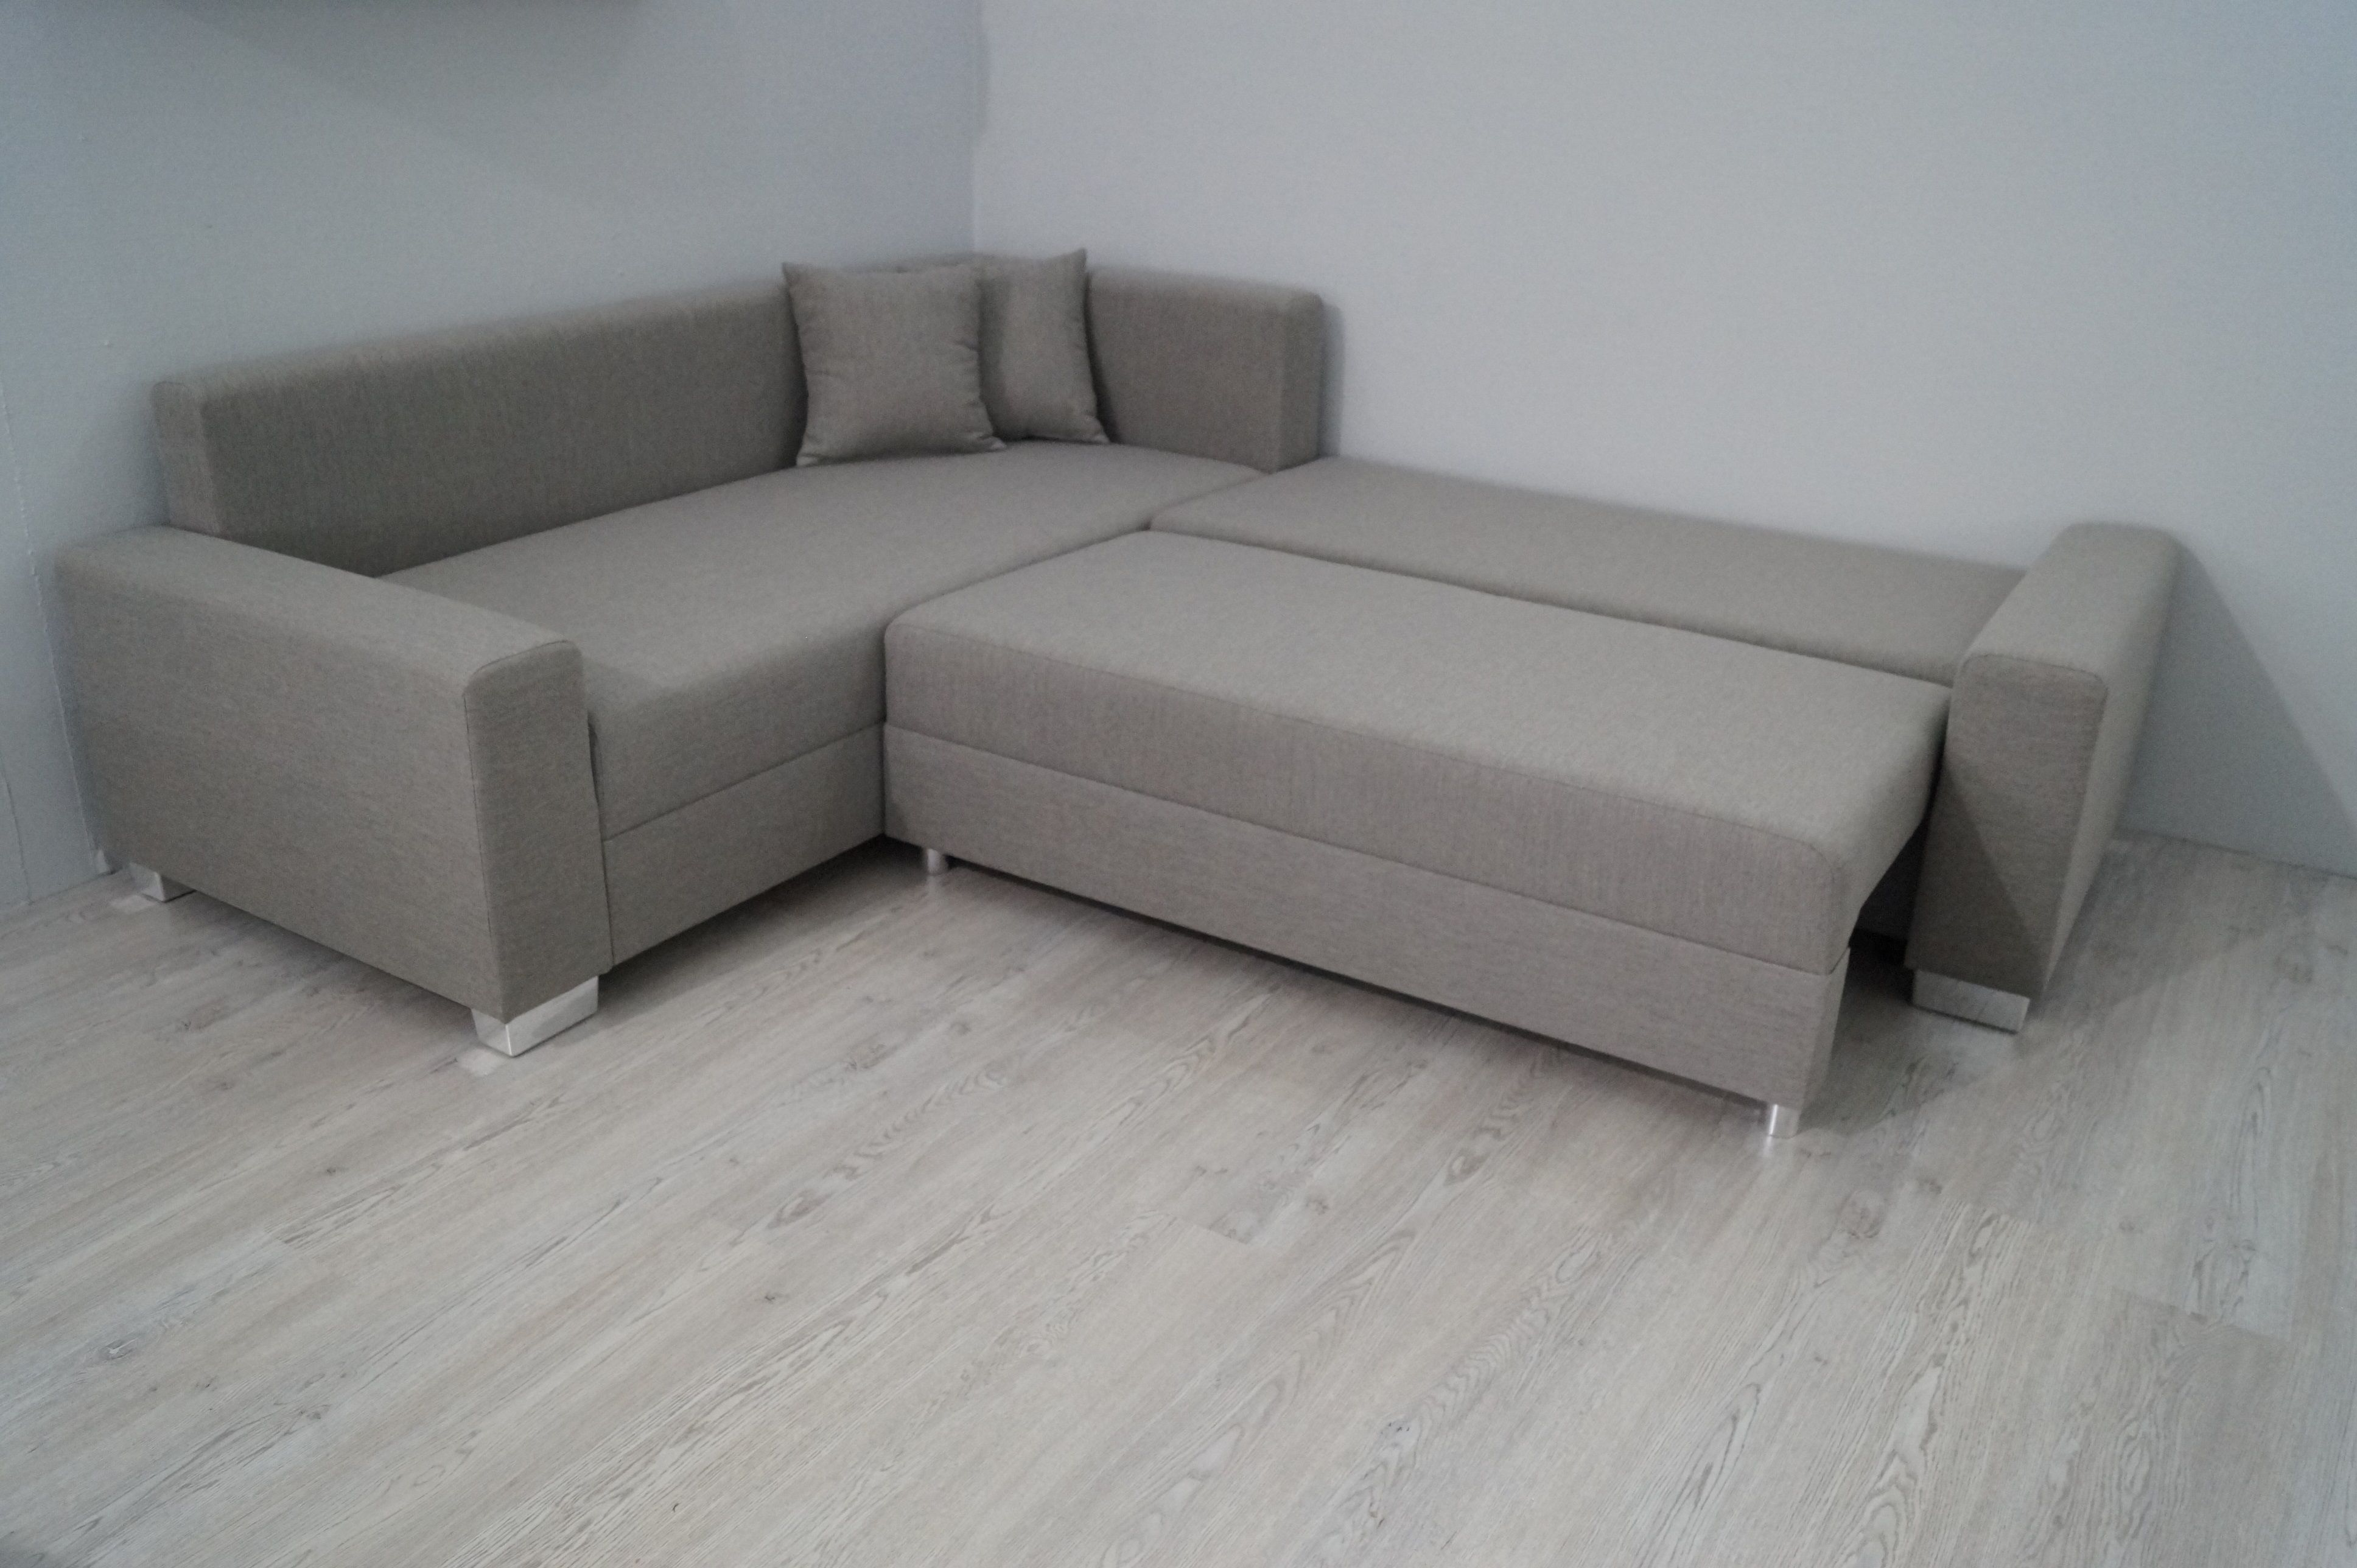 Sofa Lagerverkauf Fabrikverkauf Elkenroth Polstermobel Wohnlandschaften Trendsofas Sofas Sofort Ab Lager Www S Couch Wohnlandschaft Sofa Couch Wohnlandschaft